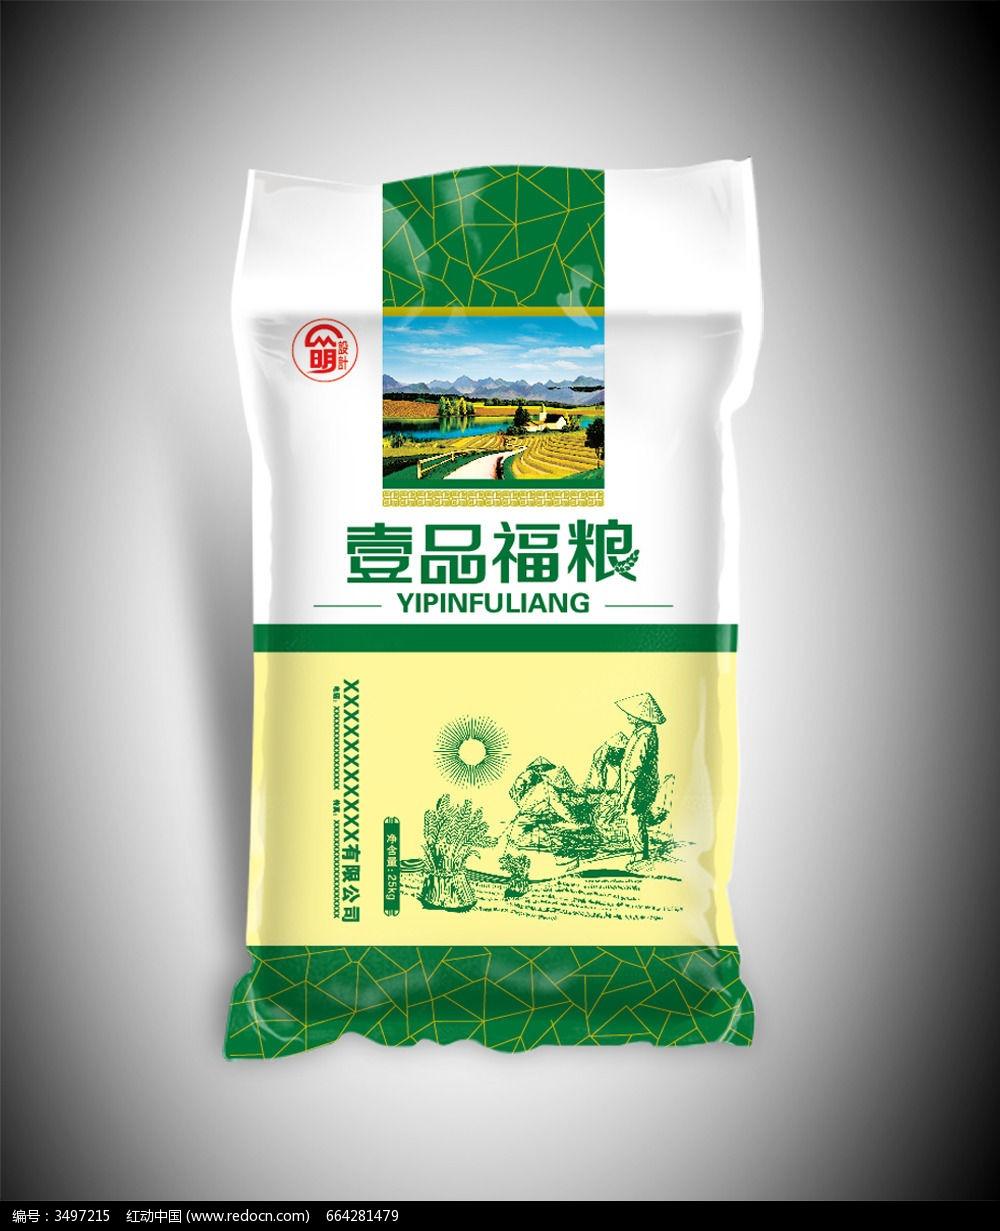 壹品福粮大米包装袋图图片